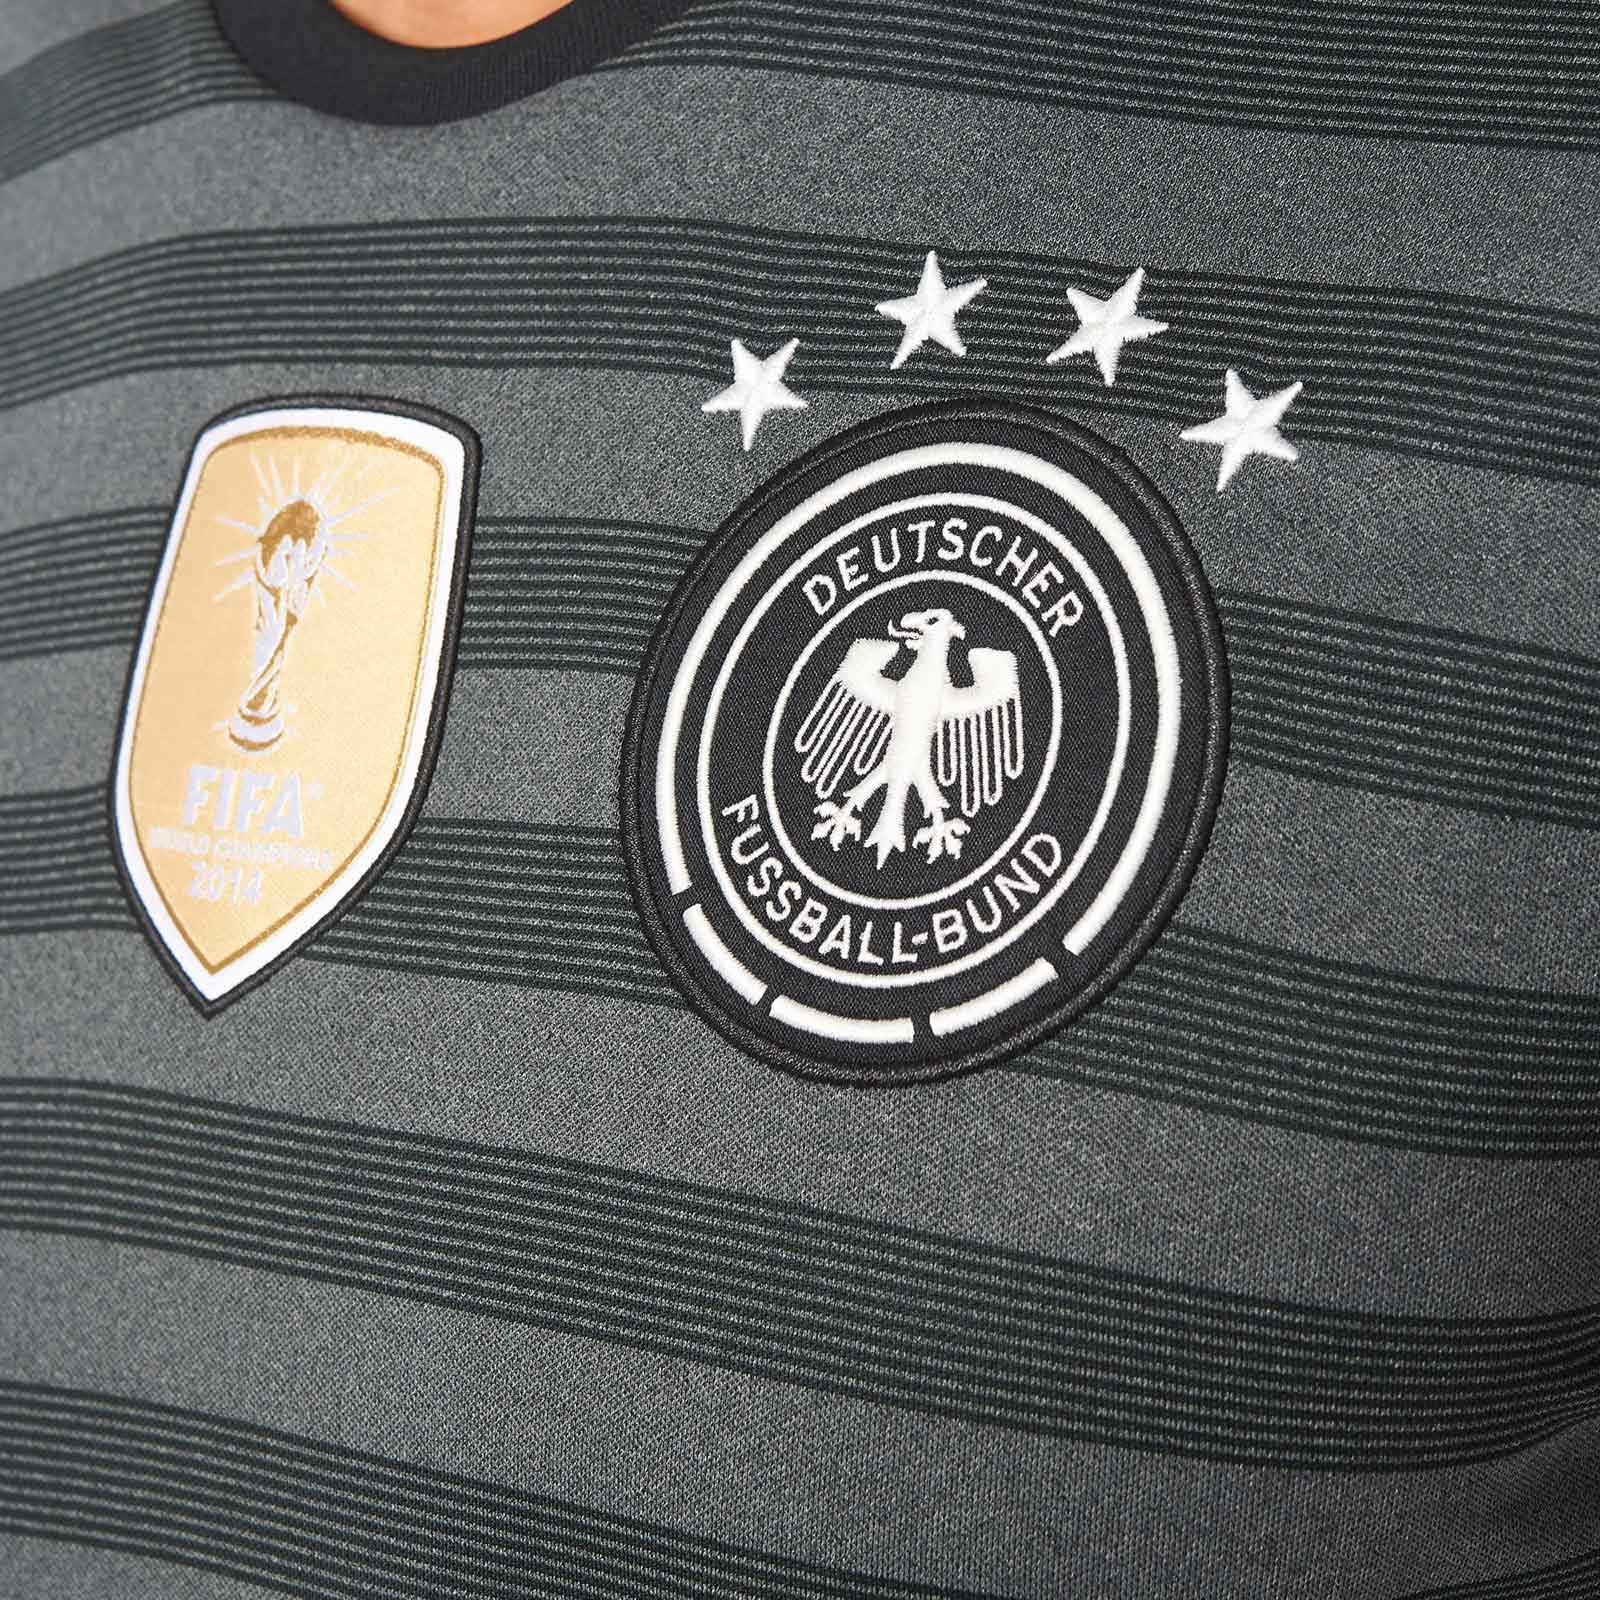 E a camisa 2 da Alemanha para Euro 2016  Gostaram  - Alemanha ... 4bddb0d0afea4